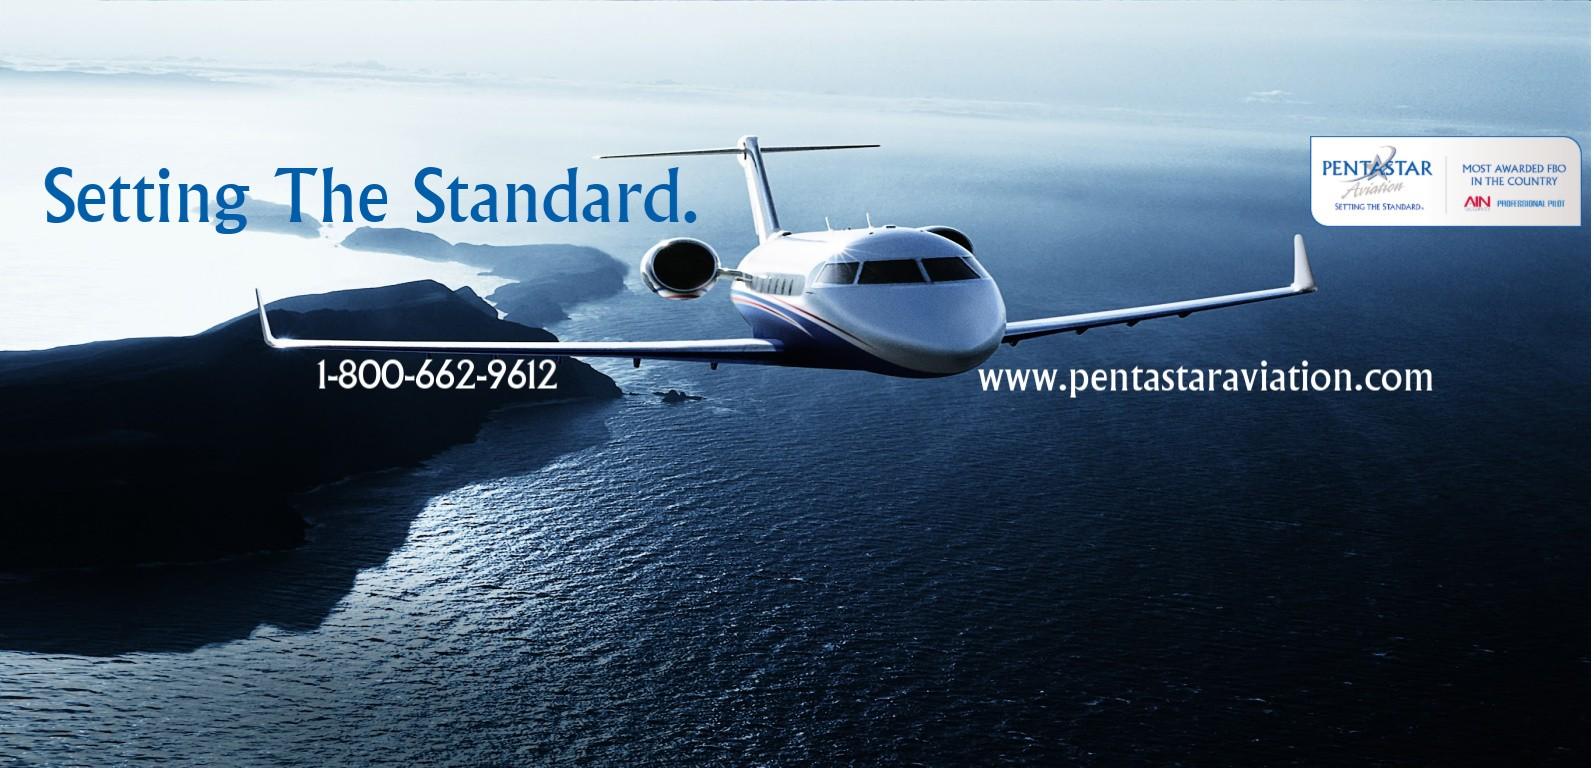 Pentastar Aviation | LinkedIn